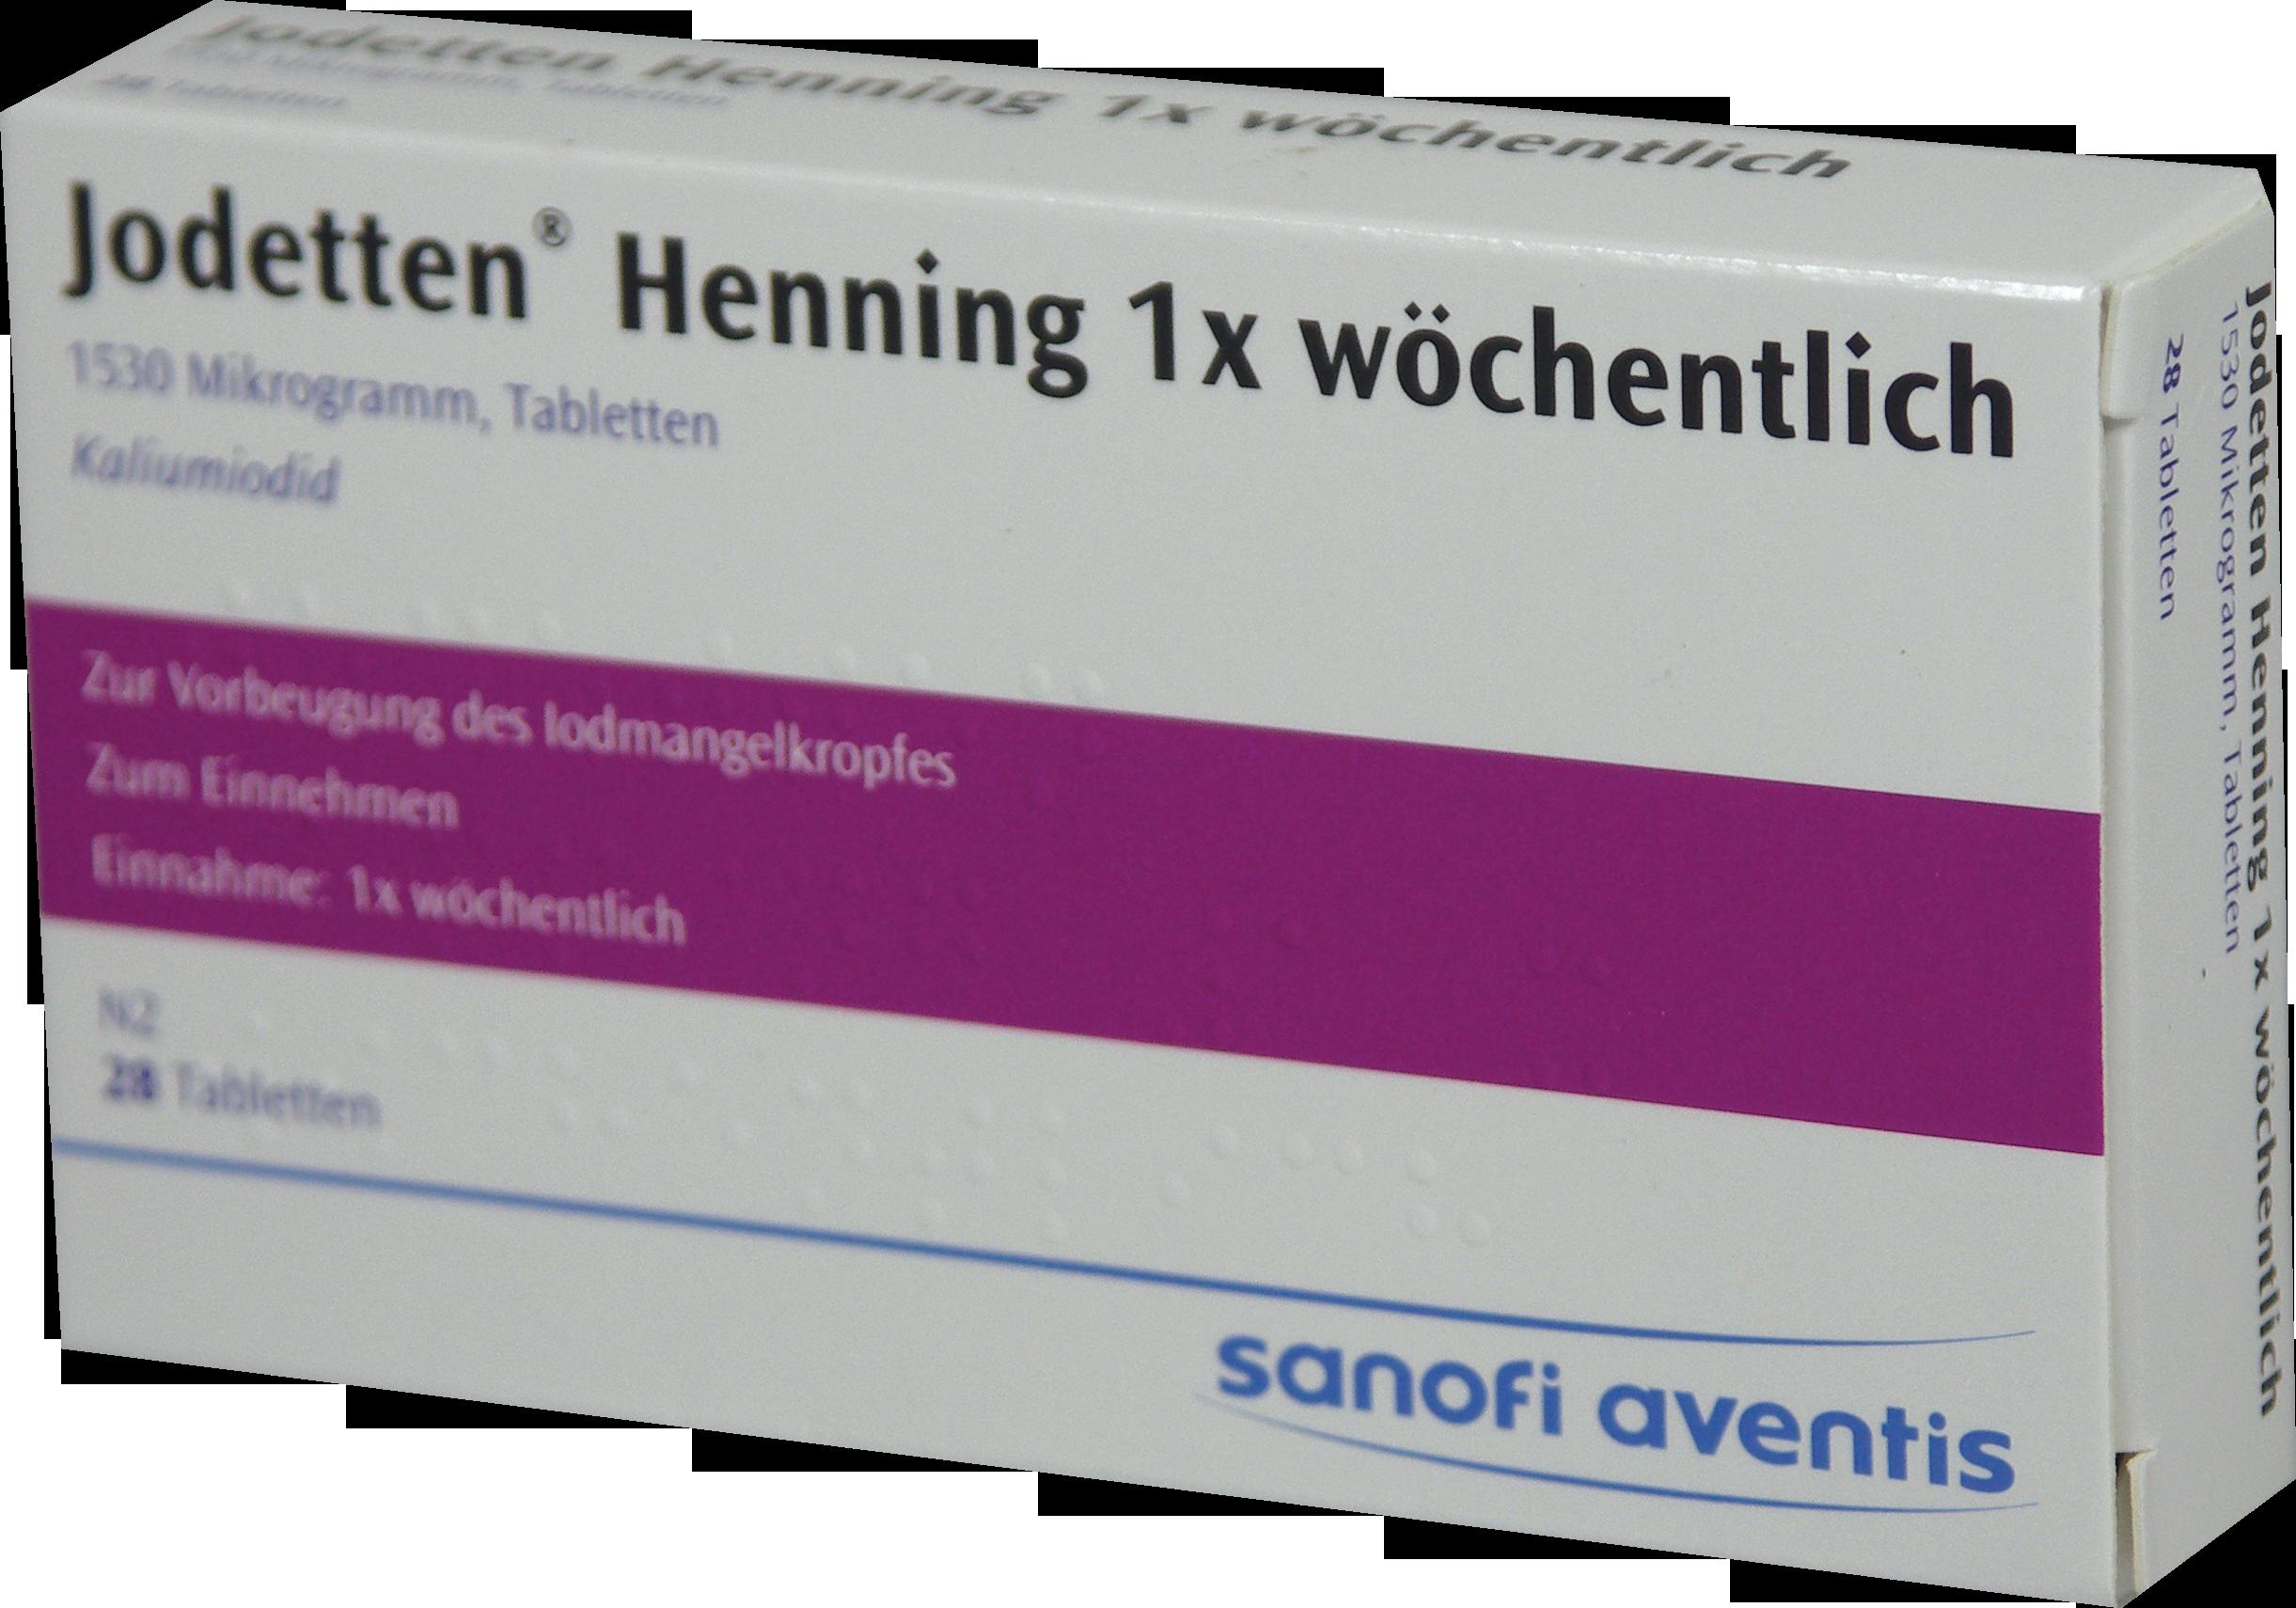 Jodetten Henning 1x wöchentlich